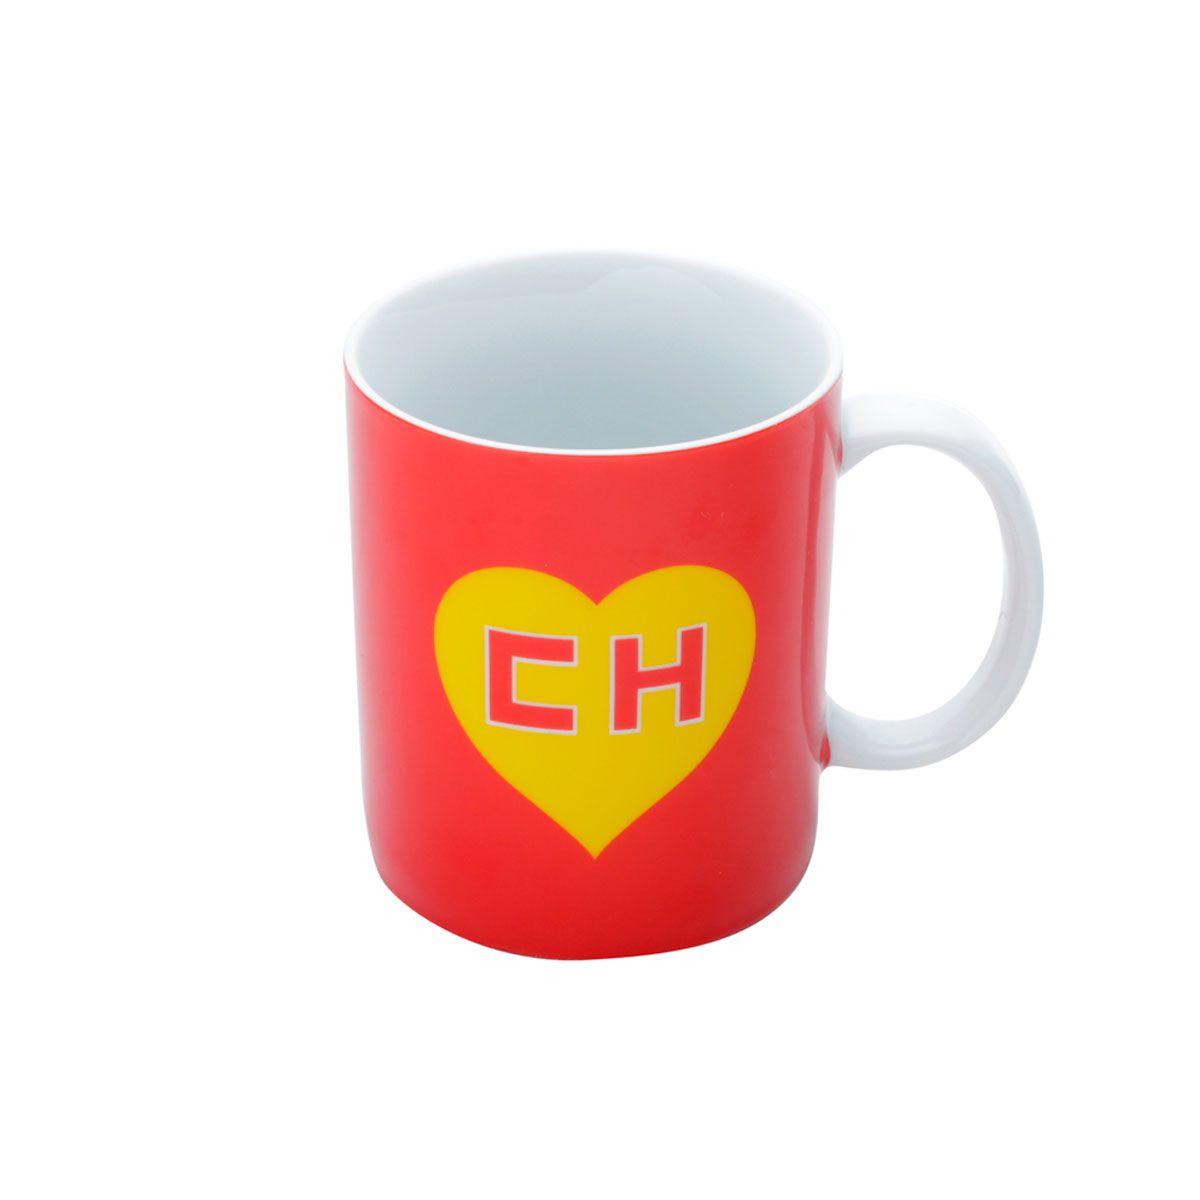 Caneca Porcelana Chapolin Colorado - Logo